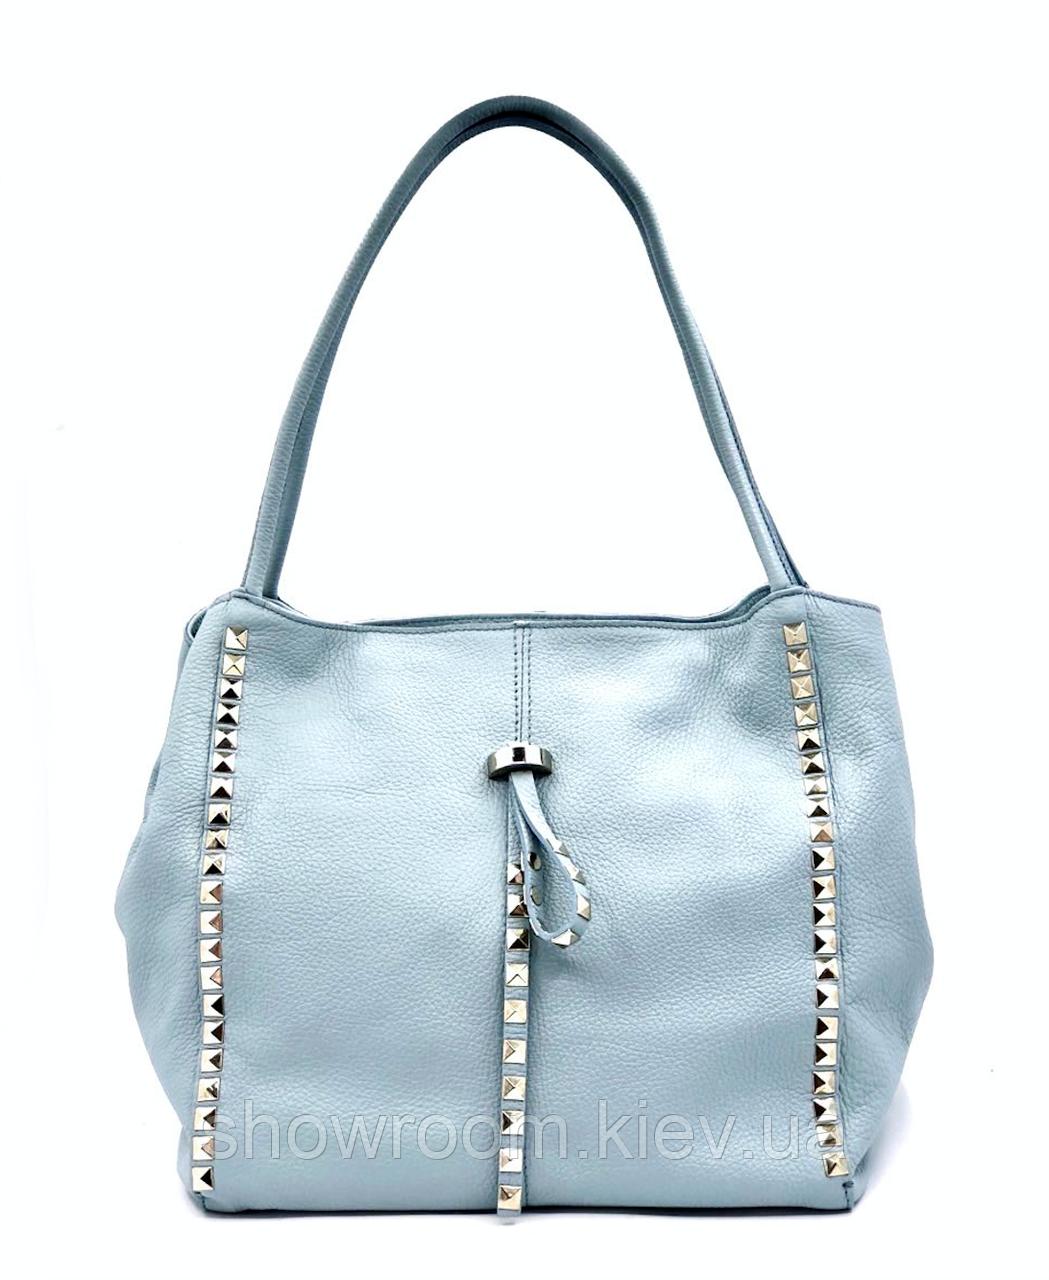 Сумка шоппер женская Laura Biaggi (80-05) голубая кожаная